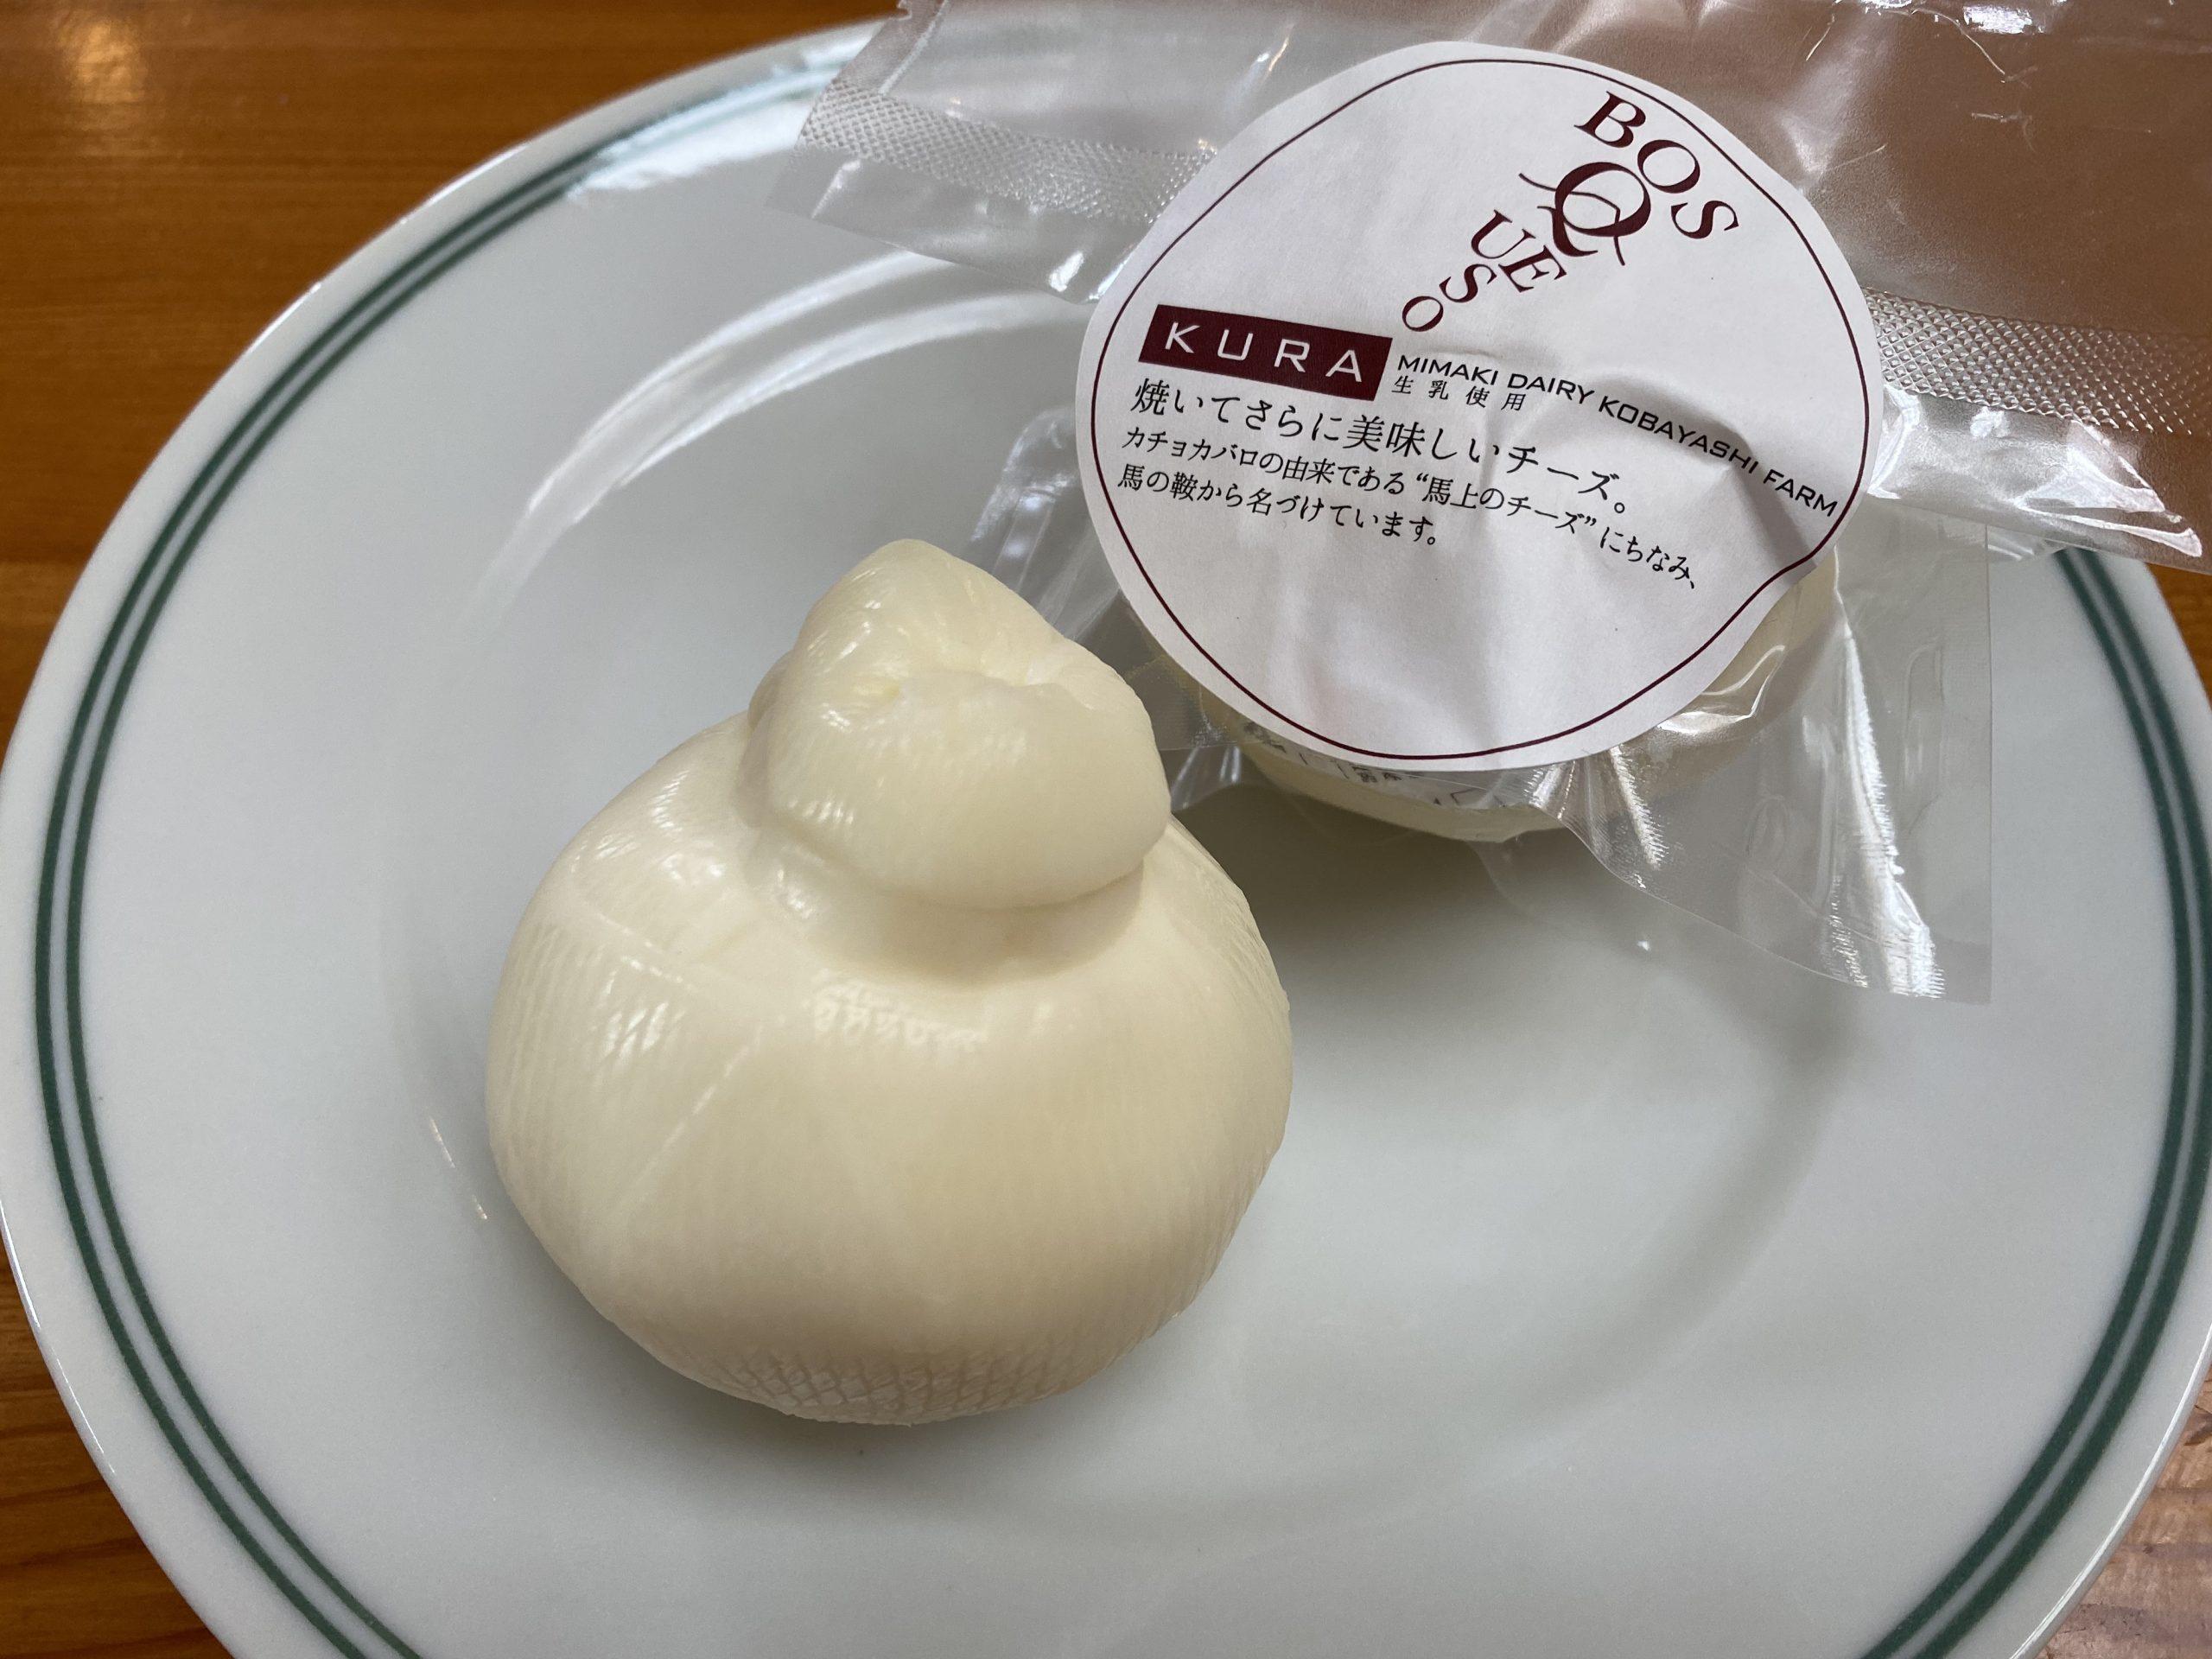 ボスケソチーズラボ(佐久市)KURA カチョ・カバロ 140g